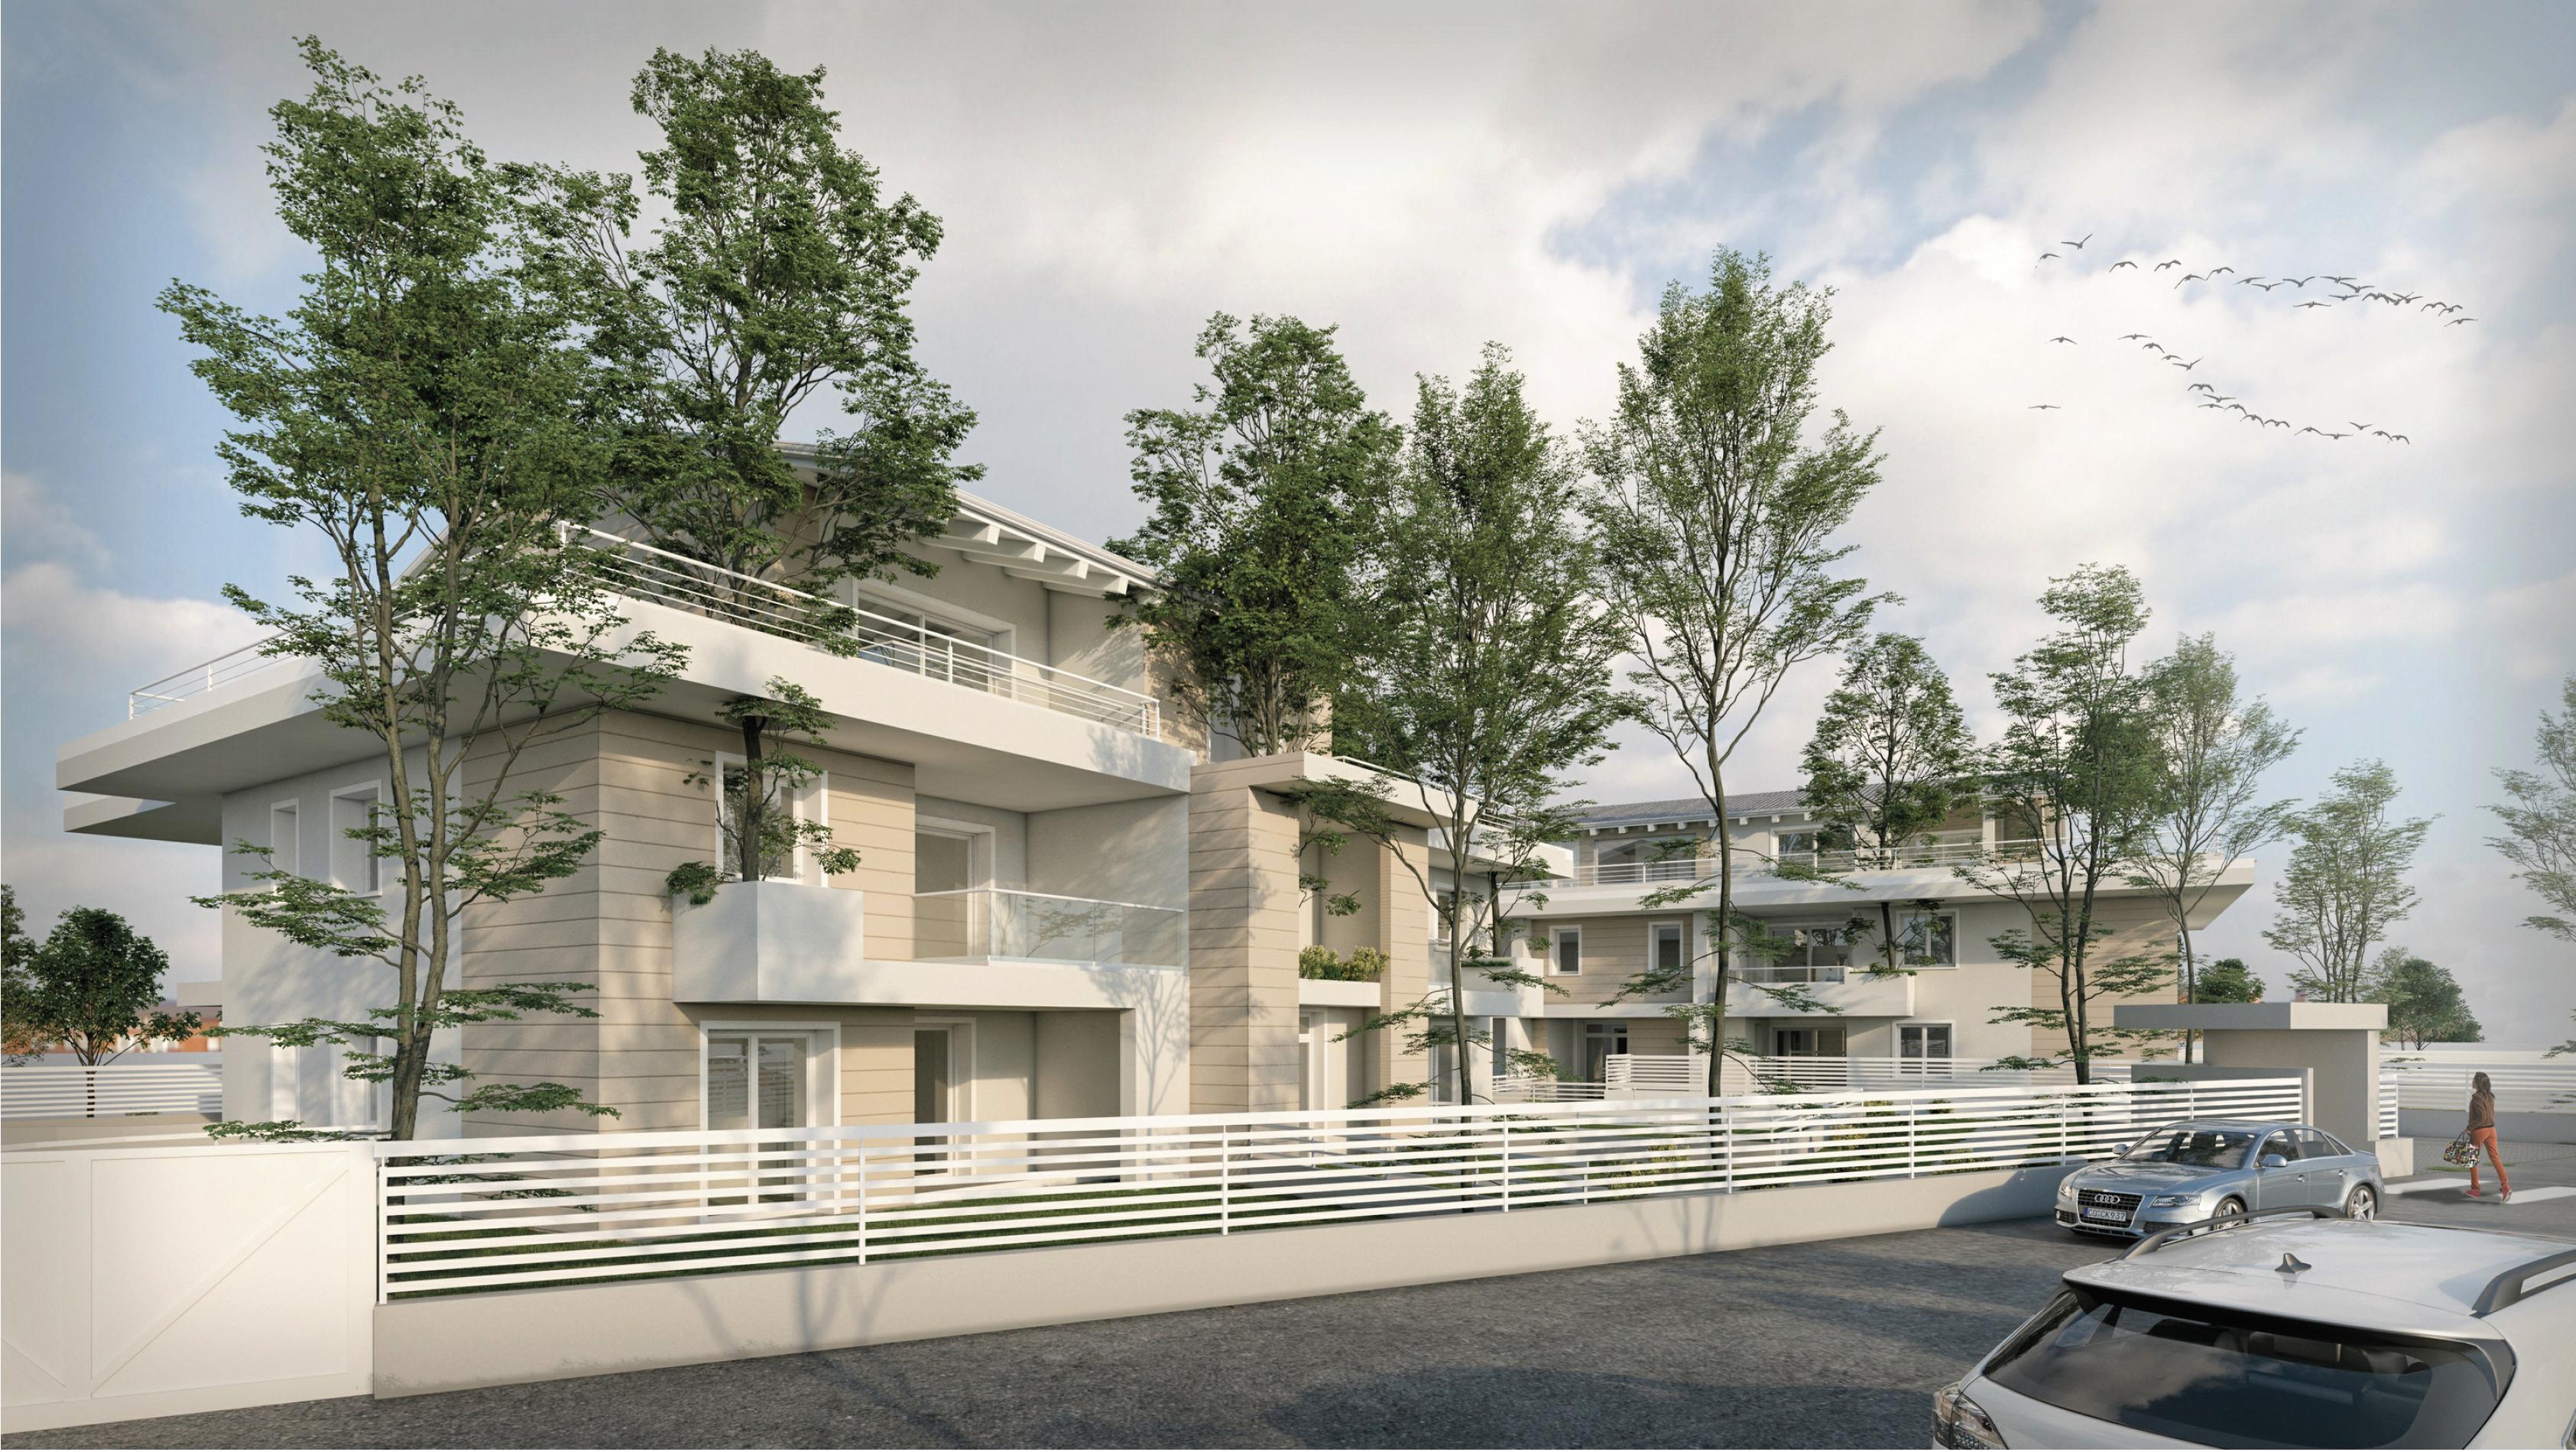 Prossima realizzazione Appartamenti a Formigine – Rif C013